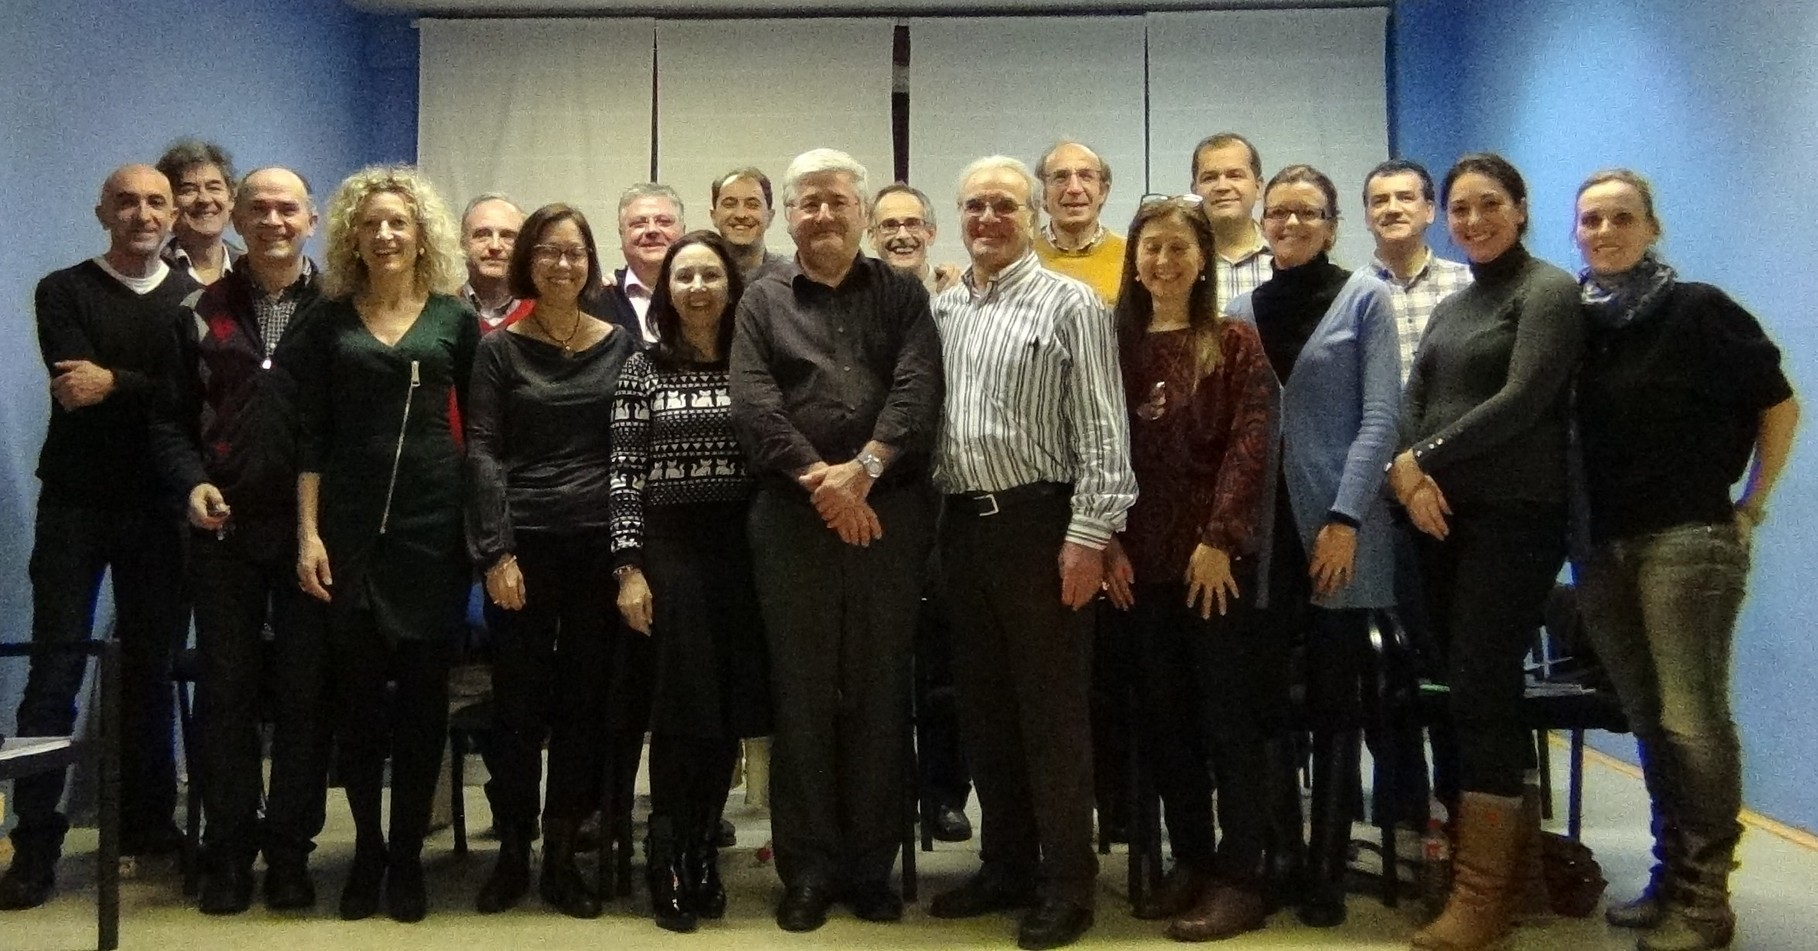 Curso de Posturologia clinica y Odontoposturología para Odontólogos - ITG - 2013